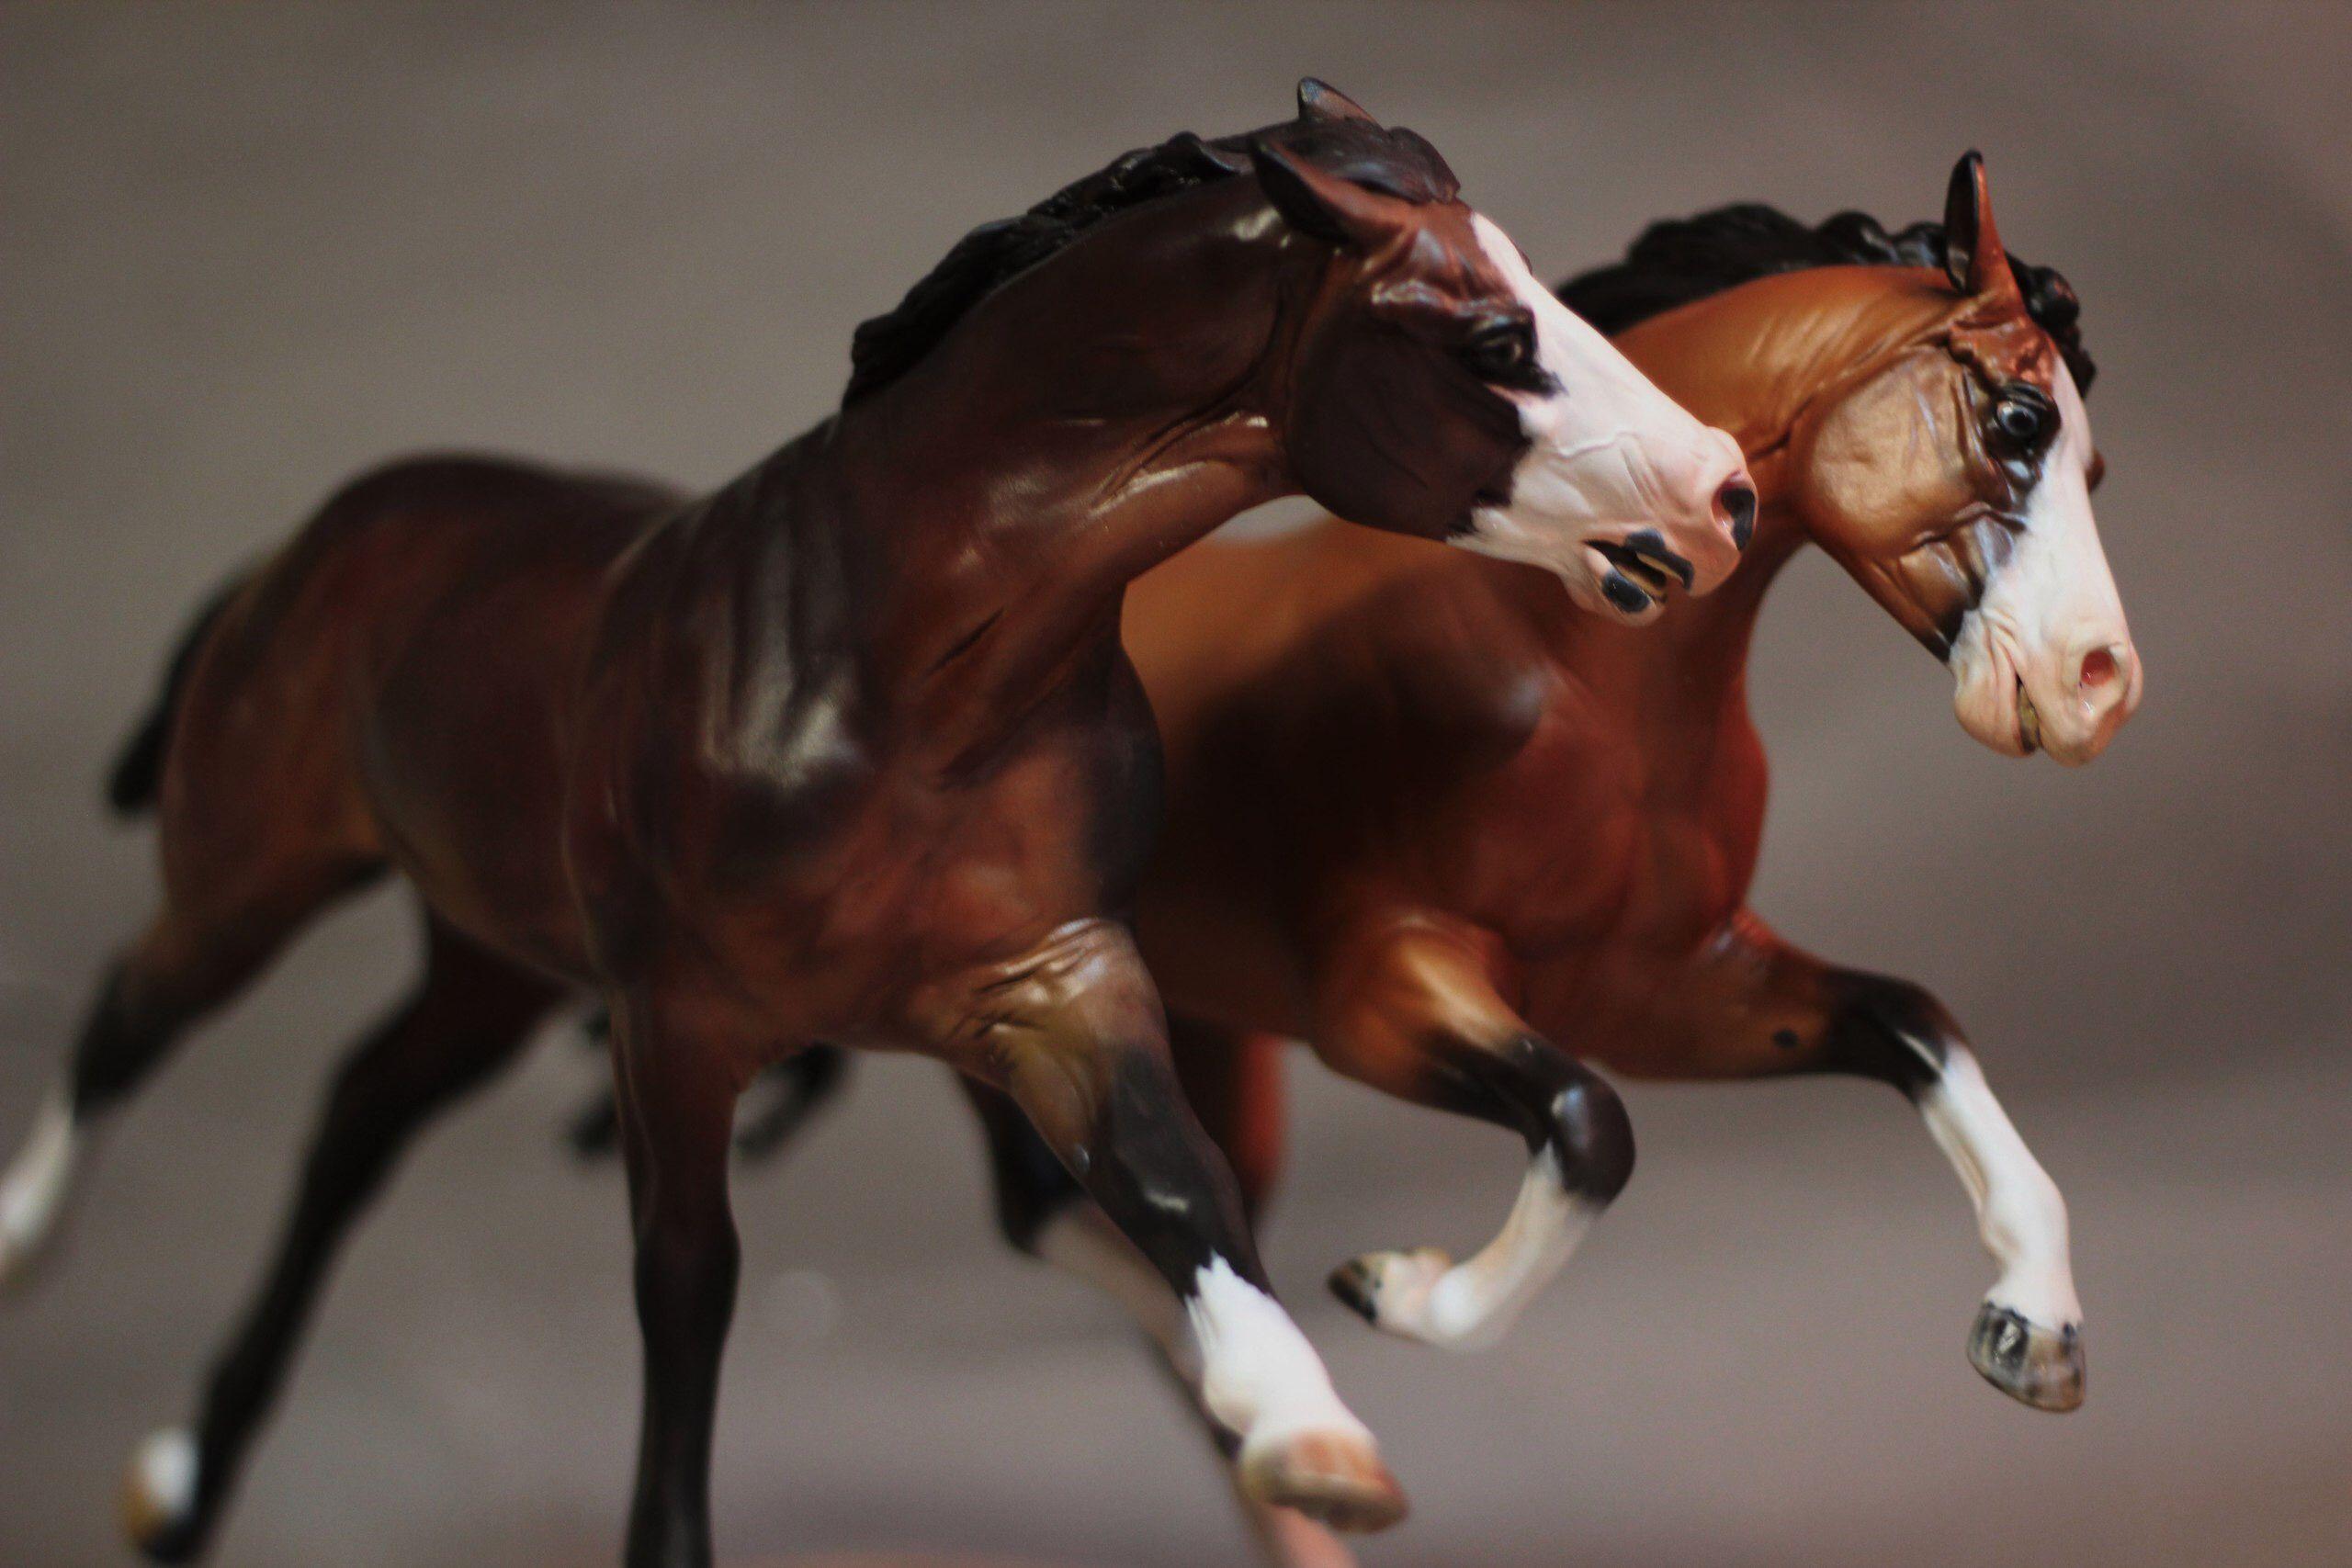 картинки лошадей брейер на природе так очень возбуждающе